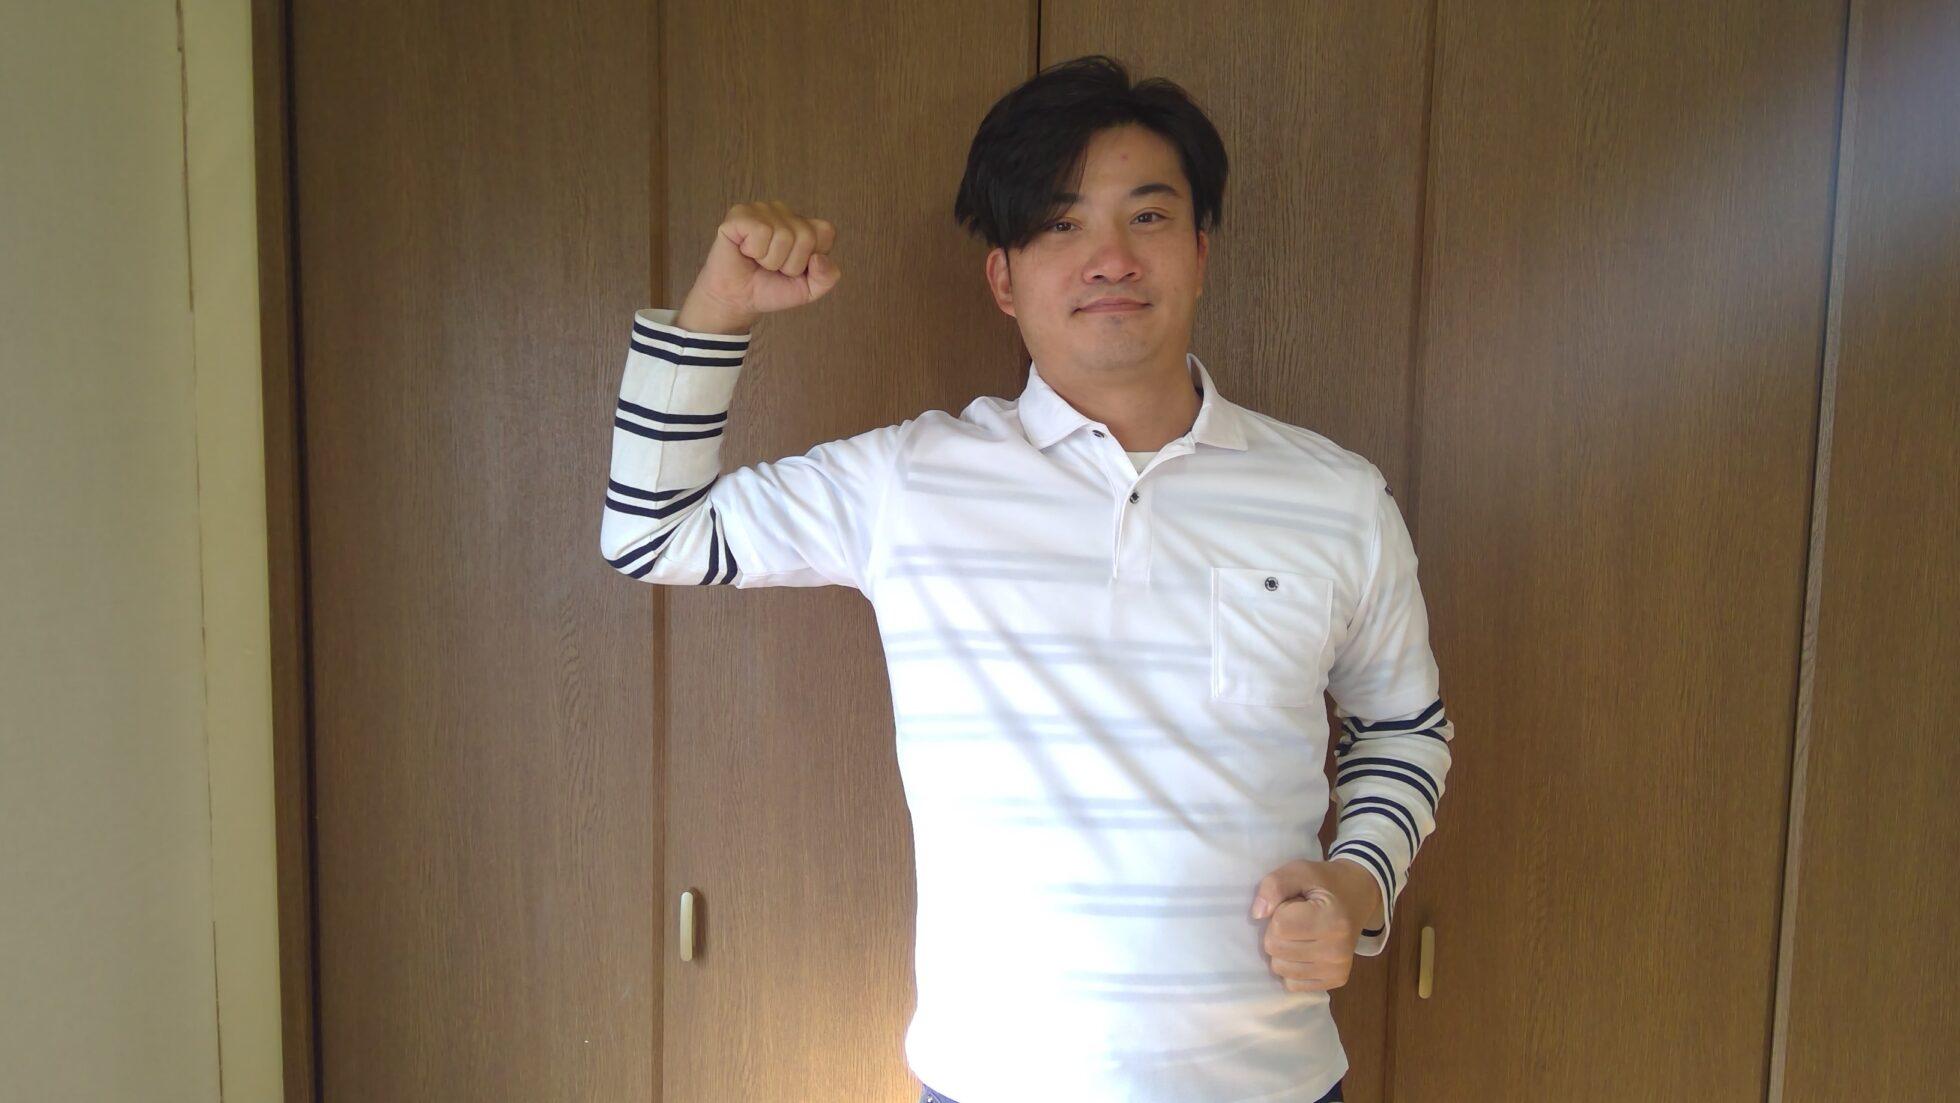 「三原 洋介(みはら ようすけ)」の顔写真